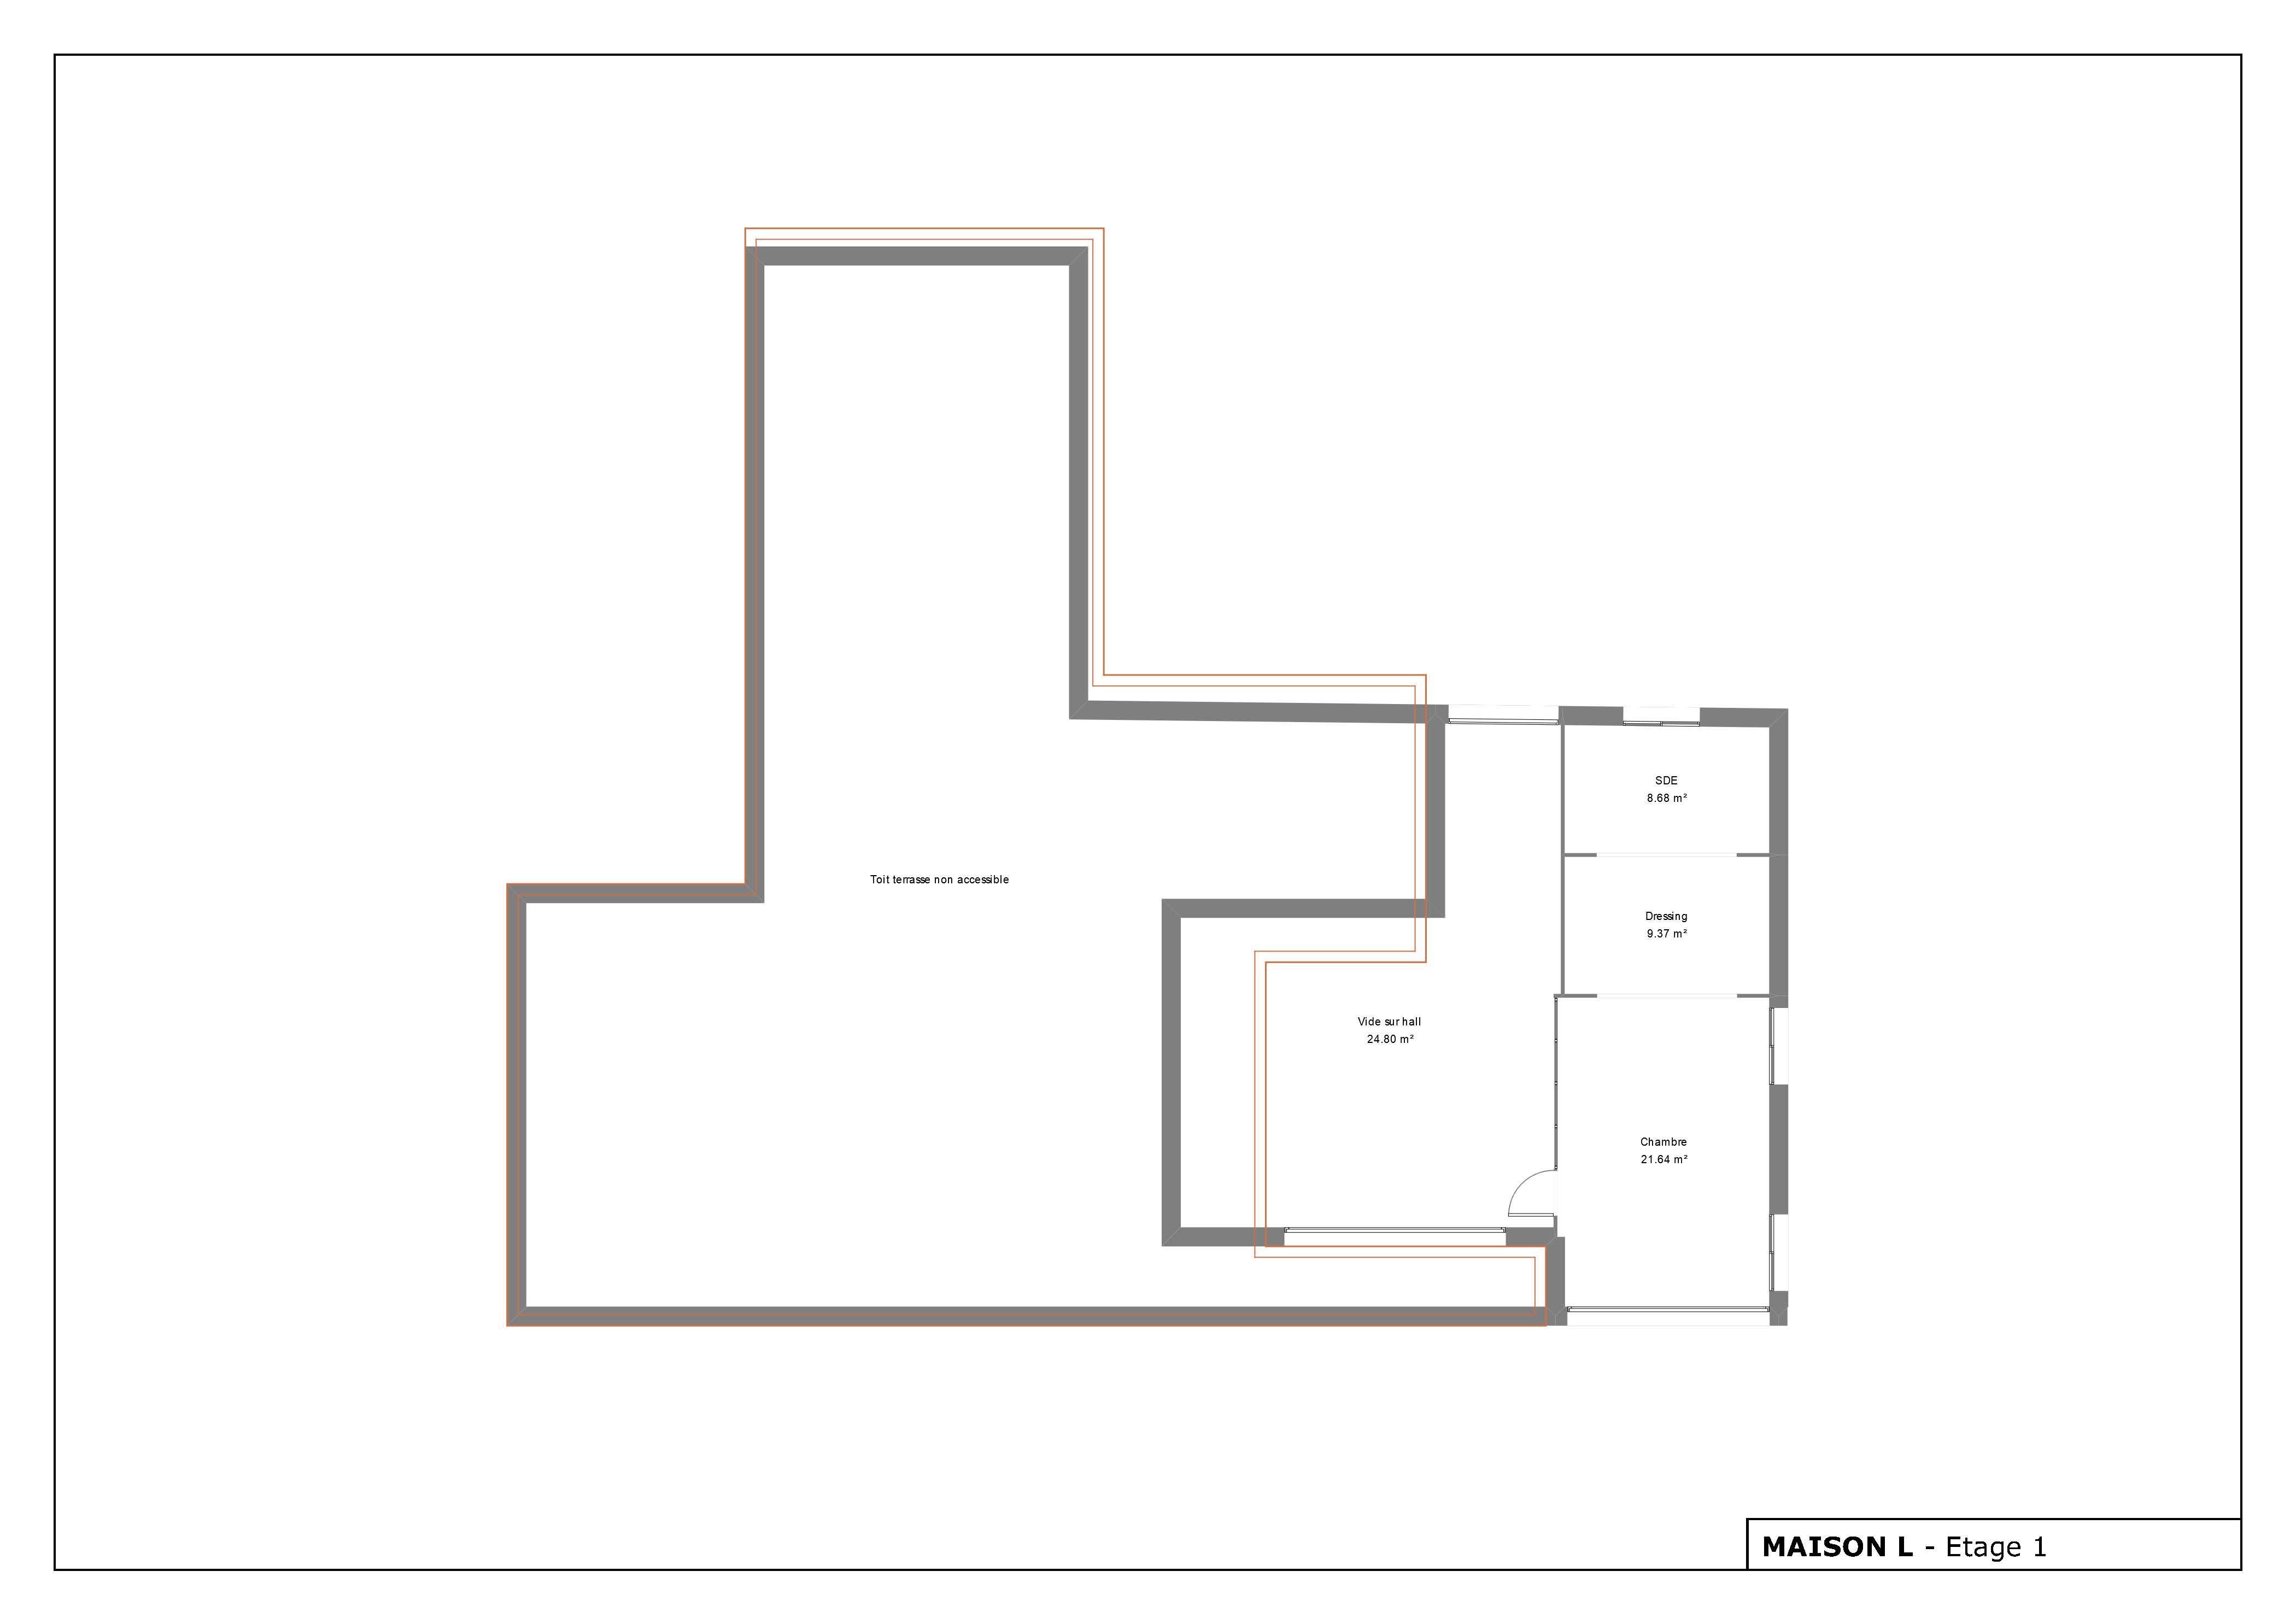 Plan maison moderne avec 2 étages